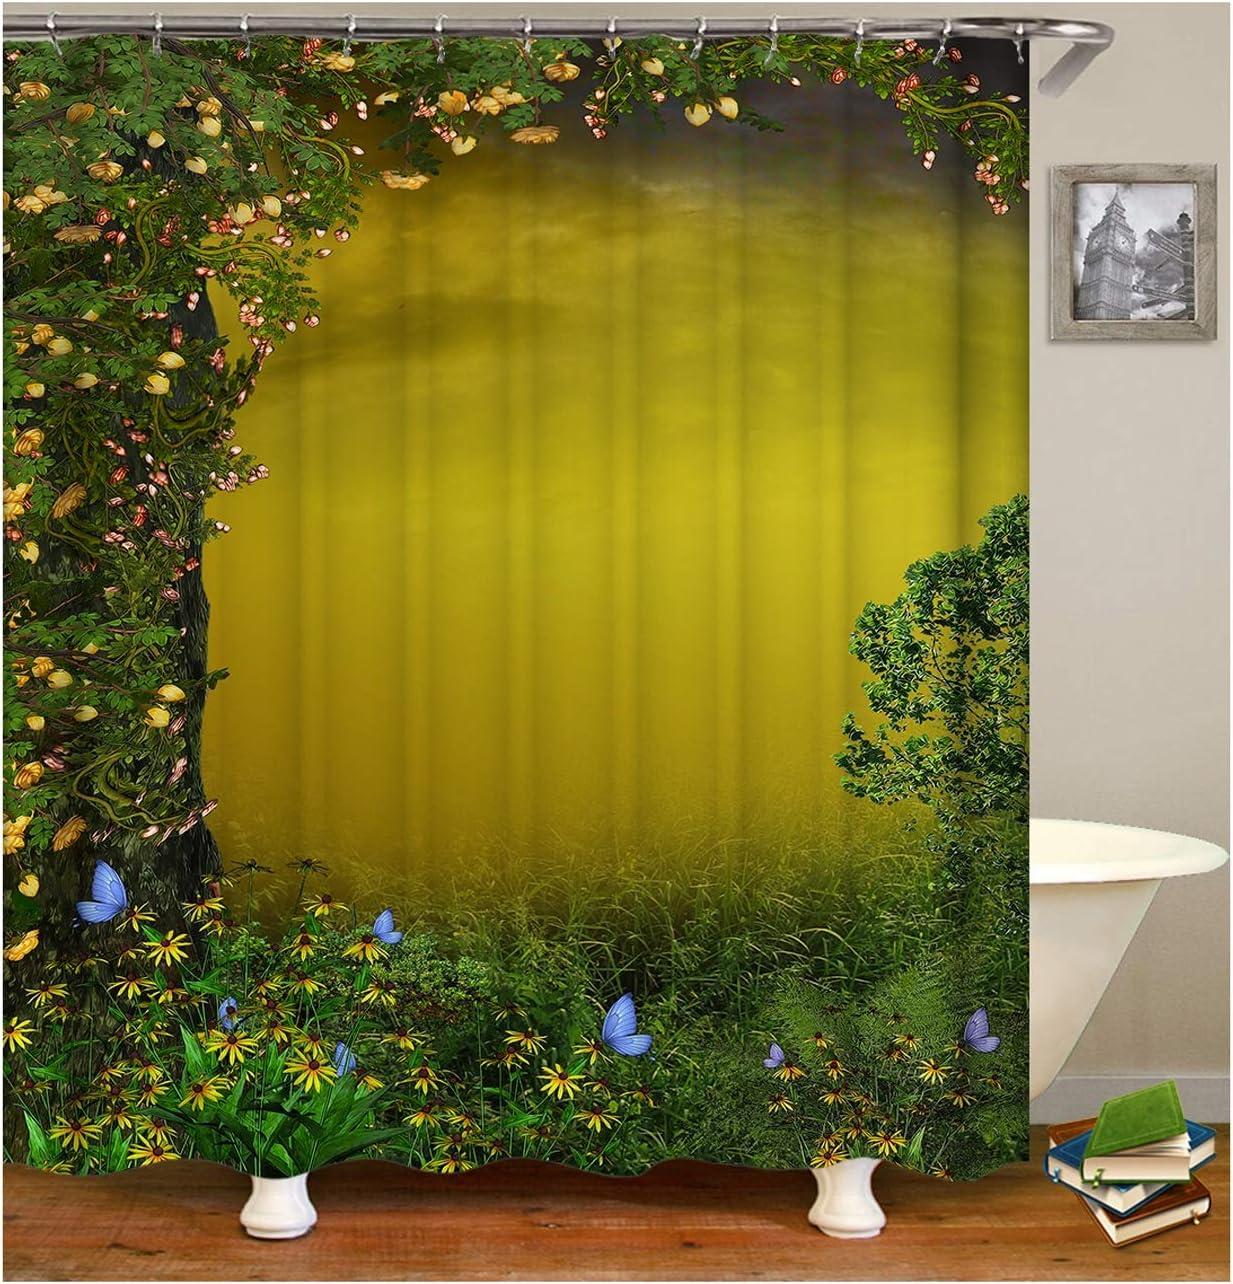 Aienid Cortina Ducha Antimoho Transparente Flor De La Hierba Verde Cortina De Ducha Estanca Size:150X180CM: Amazon.es: Hogar